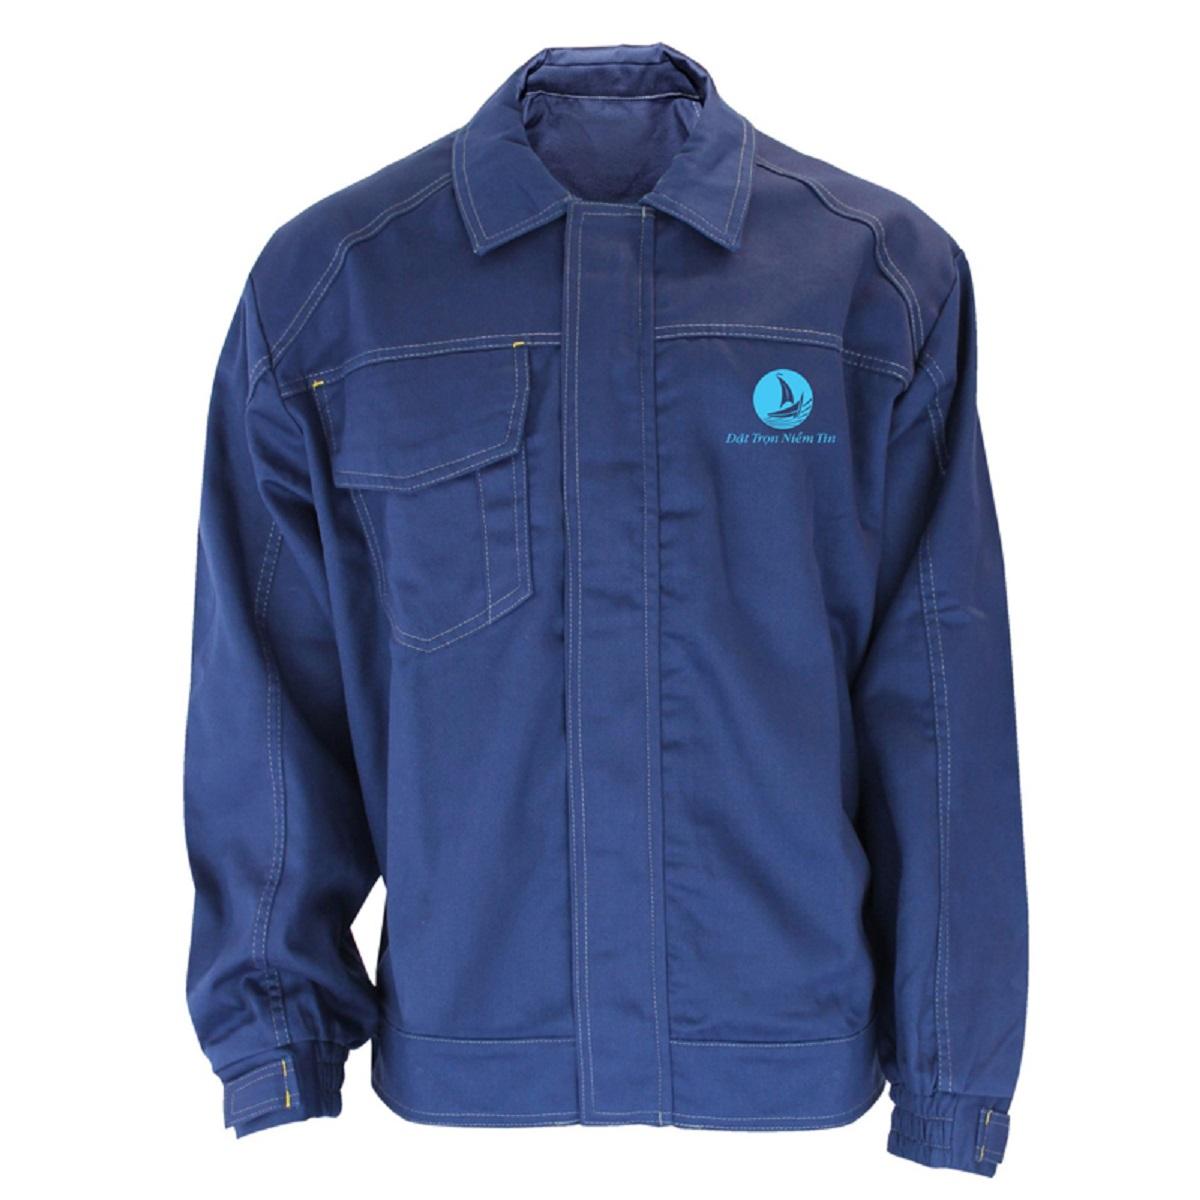 Mẫu đồng phục áo bảo hộ mã BO-ABH01 – Xanh Dương